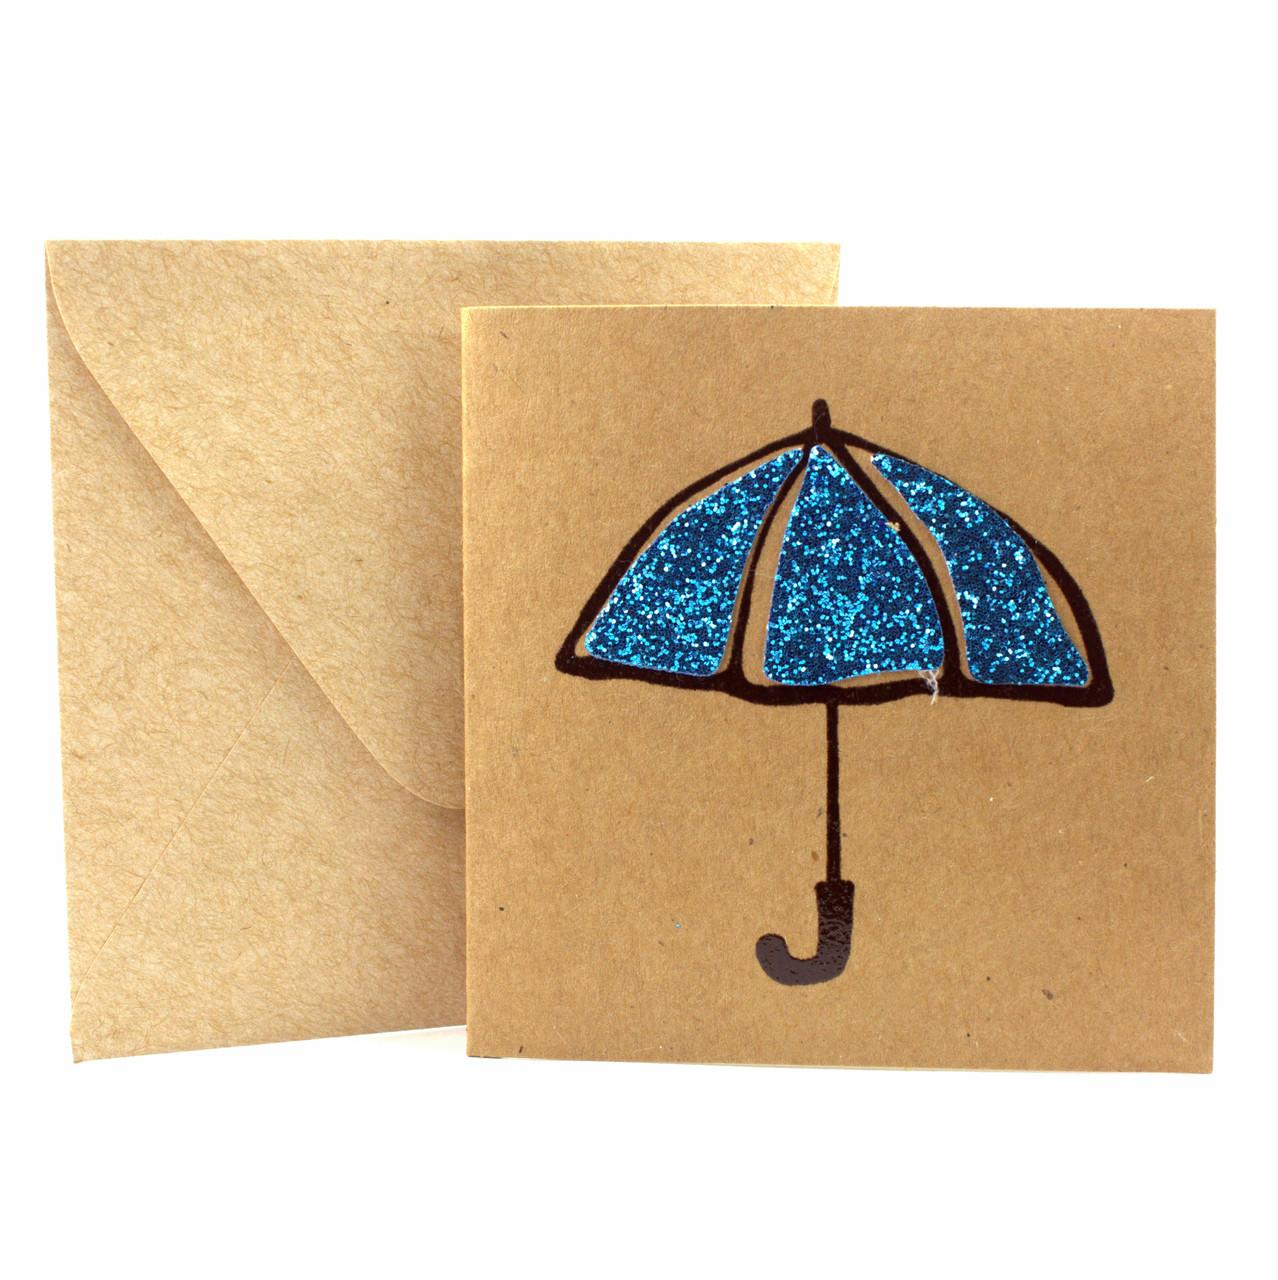 Поздравление к подарку зонтику фото 693